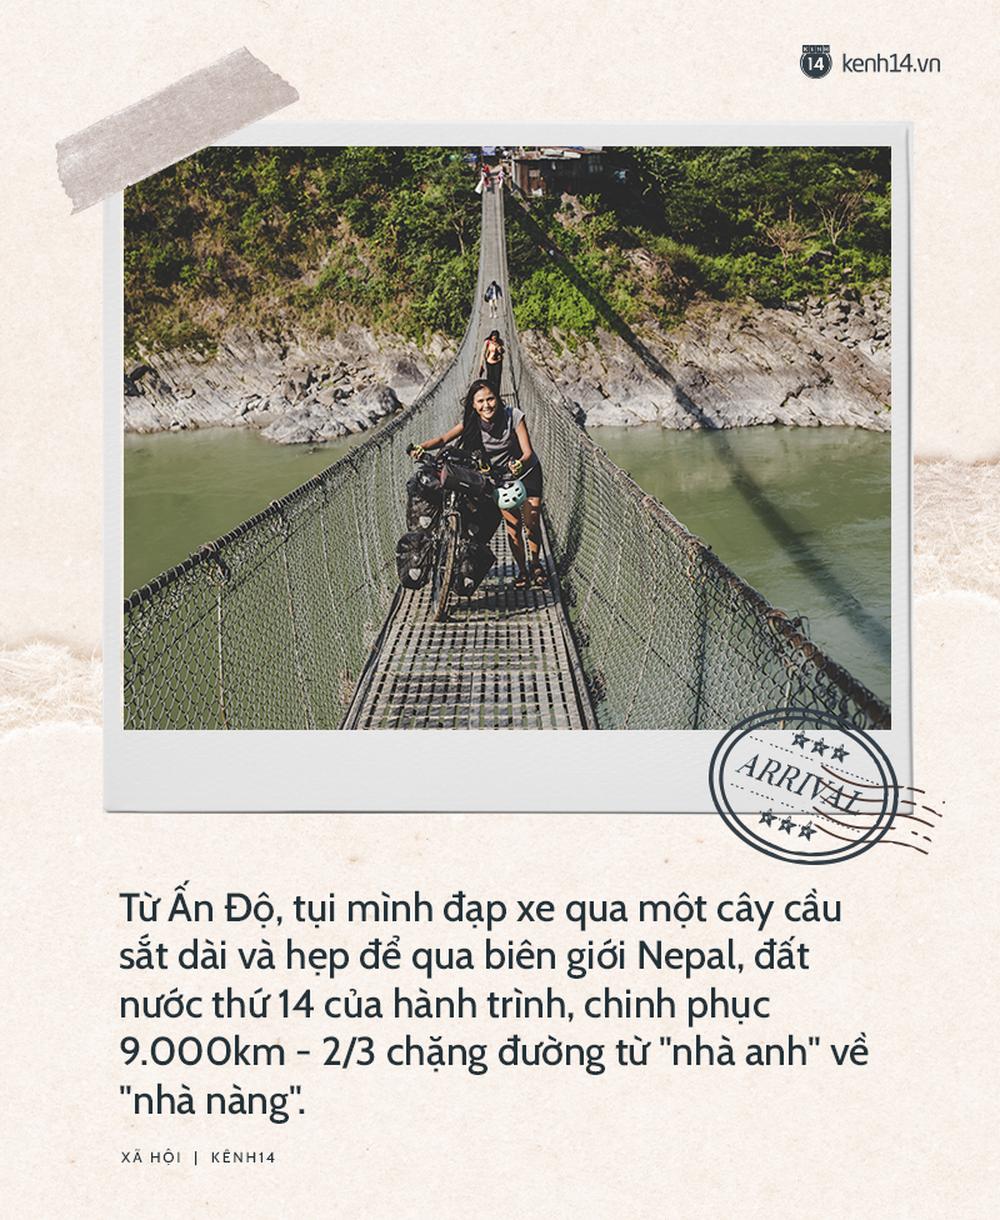 Chồng Pháp vợ Việt cùng đạp xe từ nhà anh tới nhà em 16.000 km và hành trình yêu thương mang tên Nón lá - Ảnh 18.